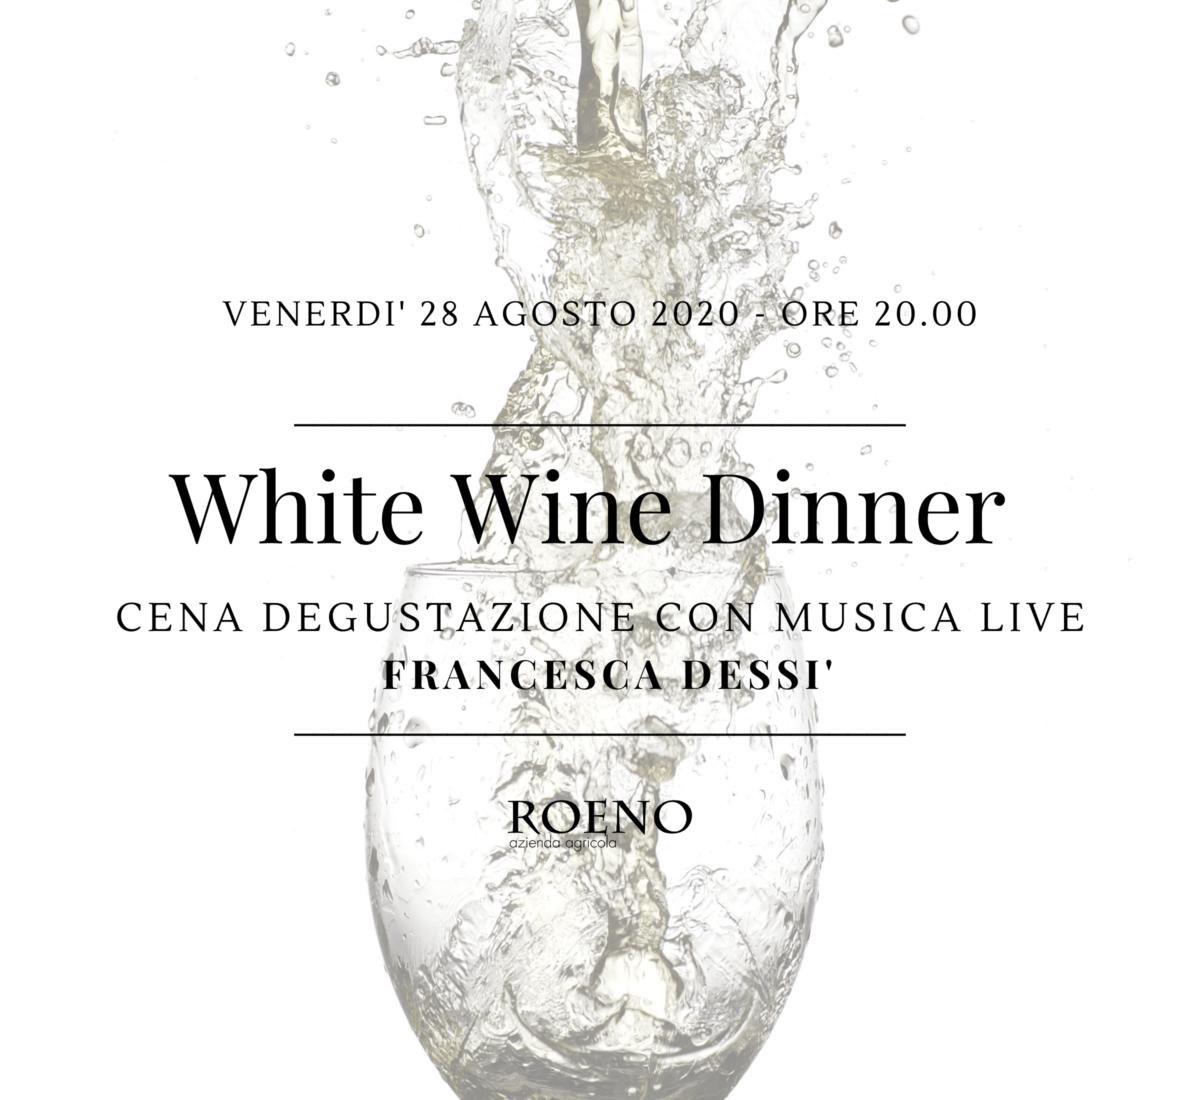 ✨ White Wine Dinner ✨